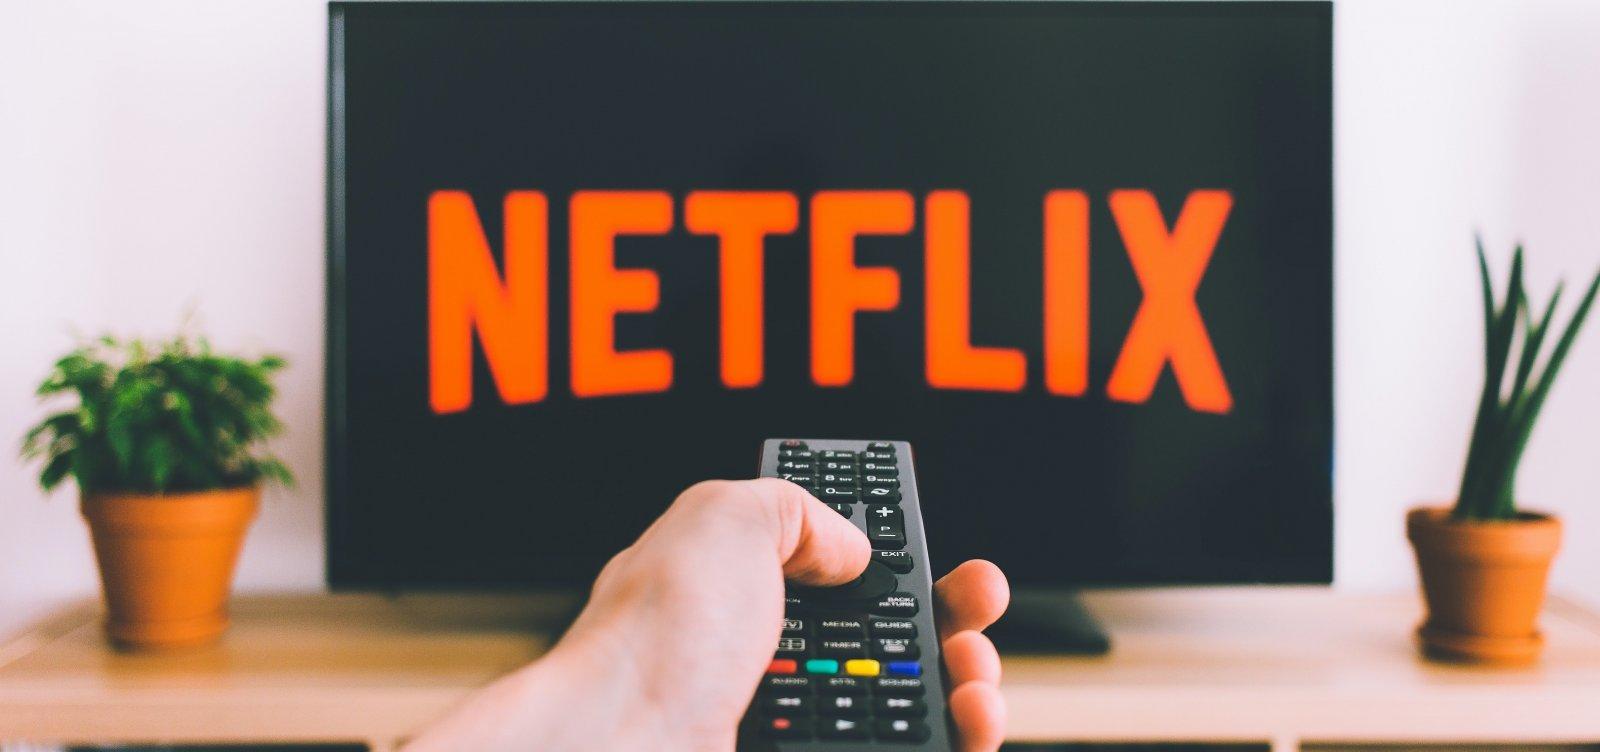 [Consumo de vídeo e áudio online cresce no Brasil, aponta pesquisa]